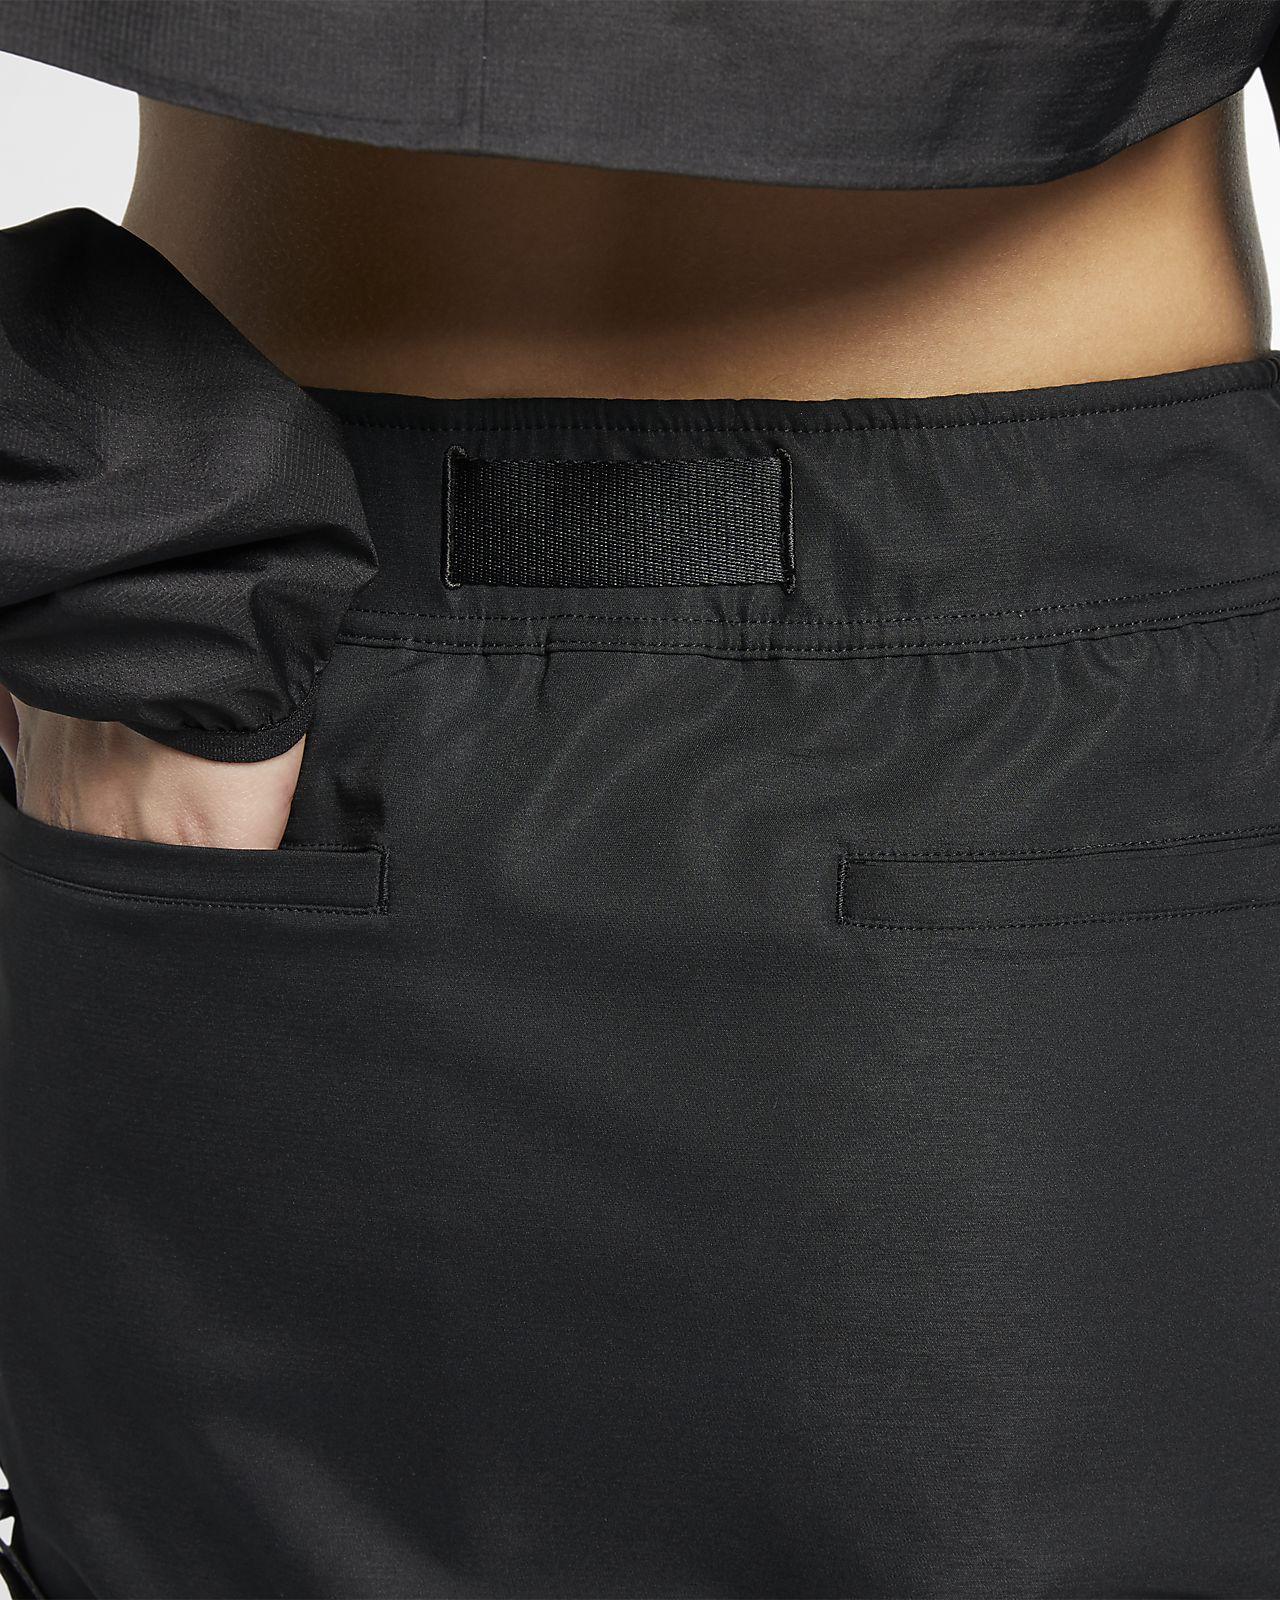 ea3030945 Nike x MMW Women's 2-in-1 Skirt. Nike.com MY